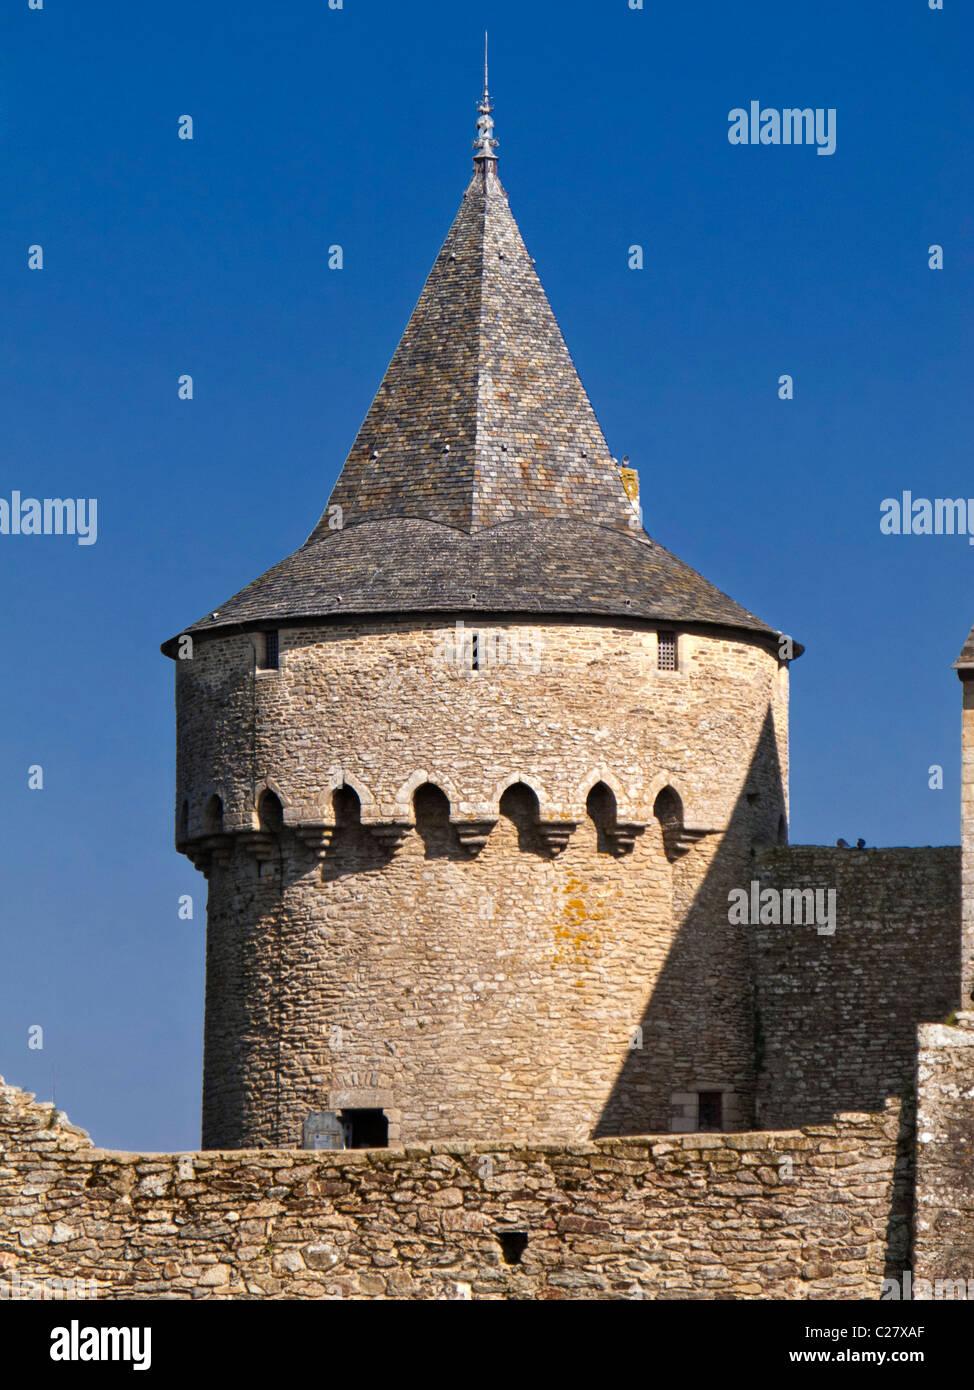 Turret, Château de Suscinio, Presqu'île de Rhuys, Morbihan, Brittany, France, Europe - Stock Image